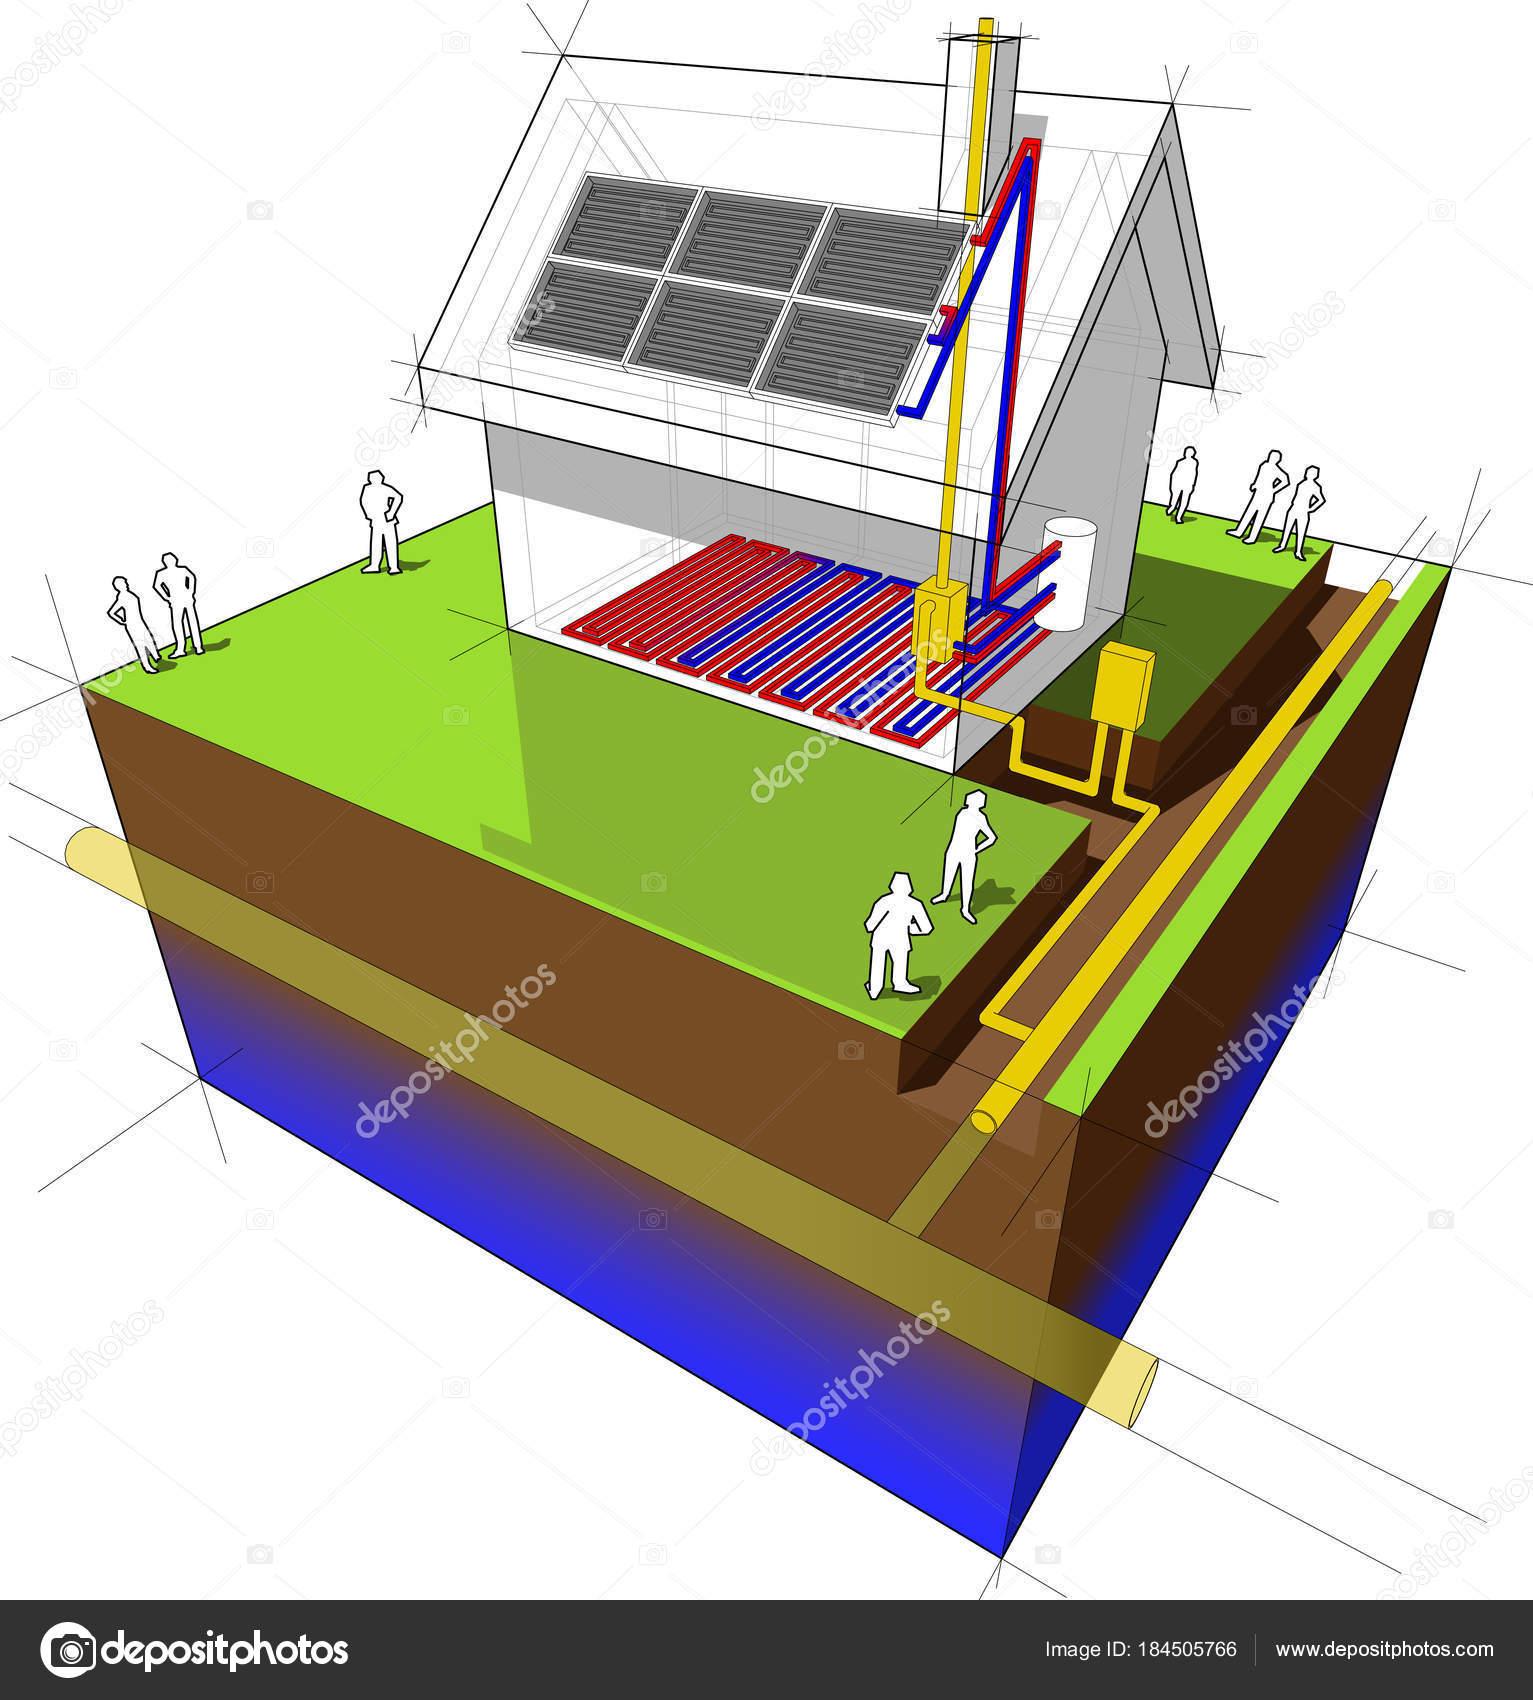 Diagramm Eines Einfamilienhauses Mit Fußbodenheizung Heizung Und ...